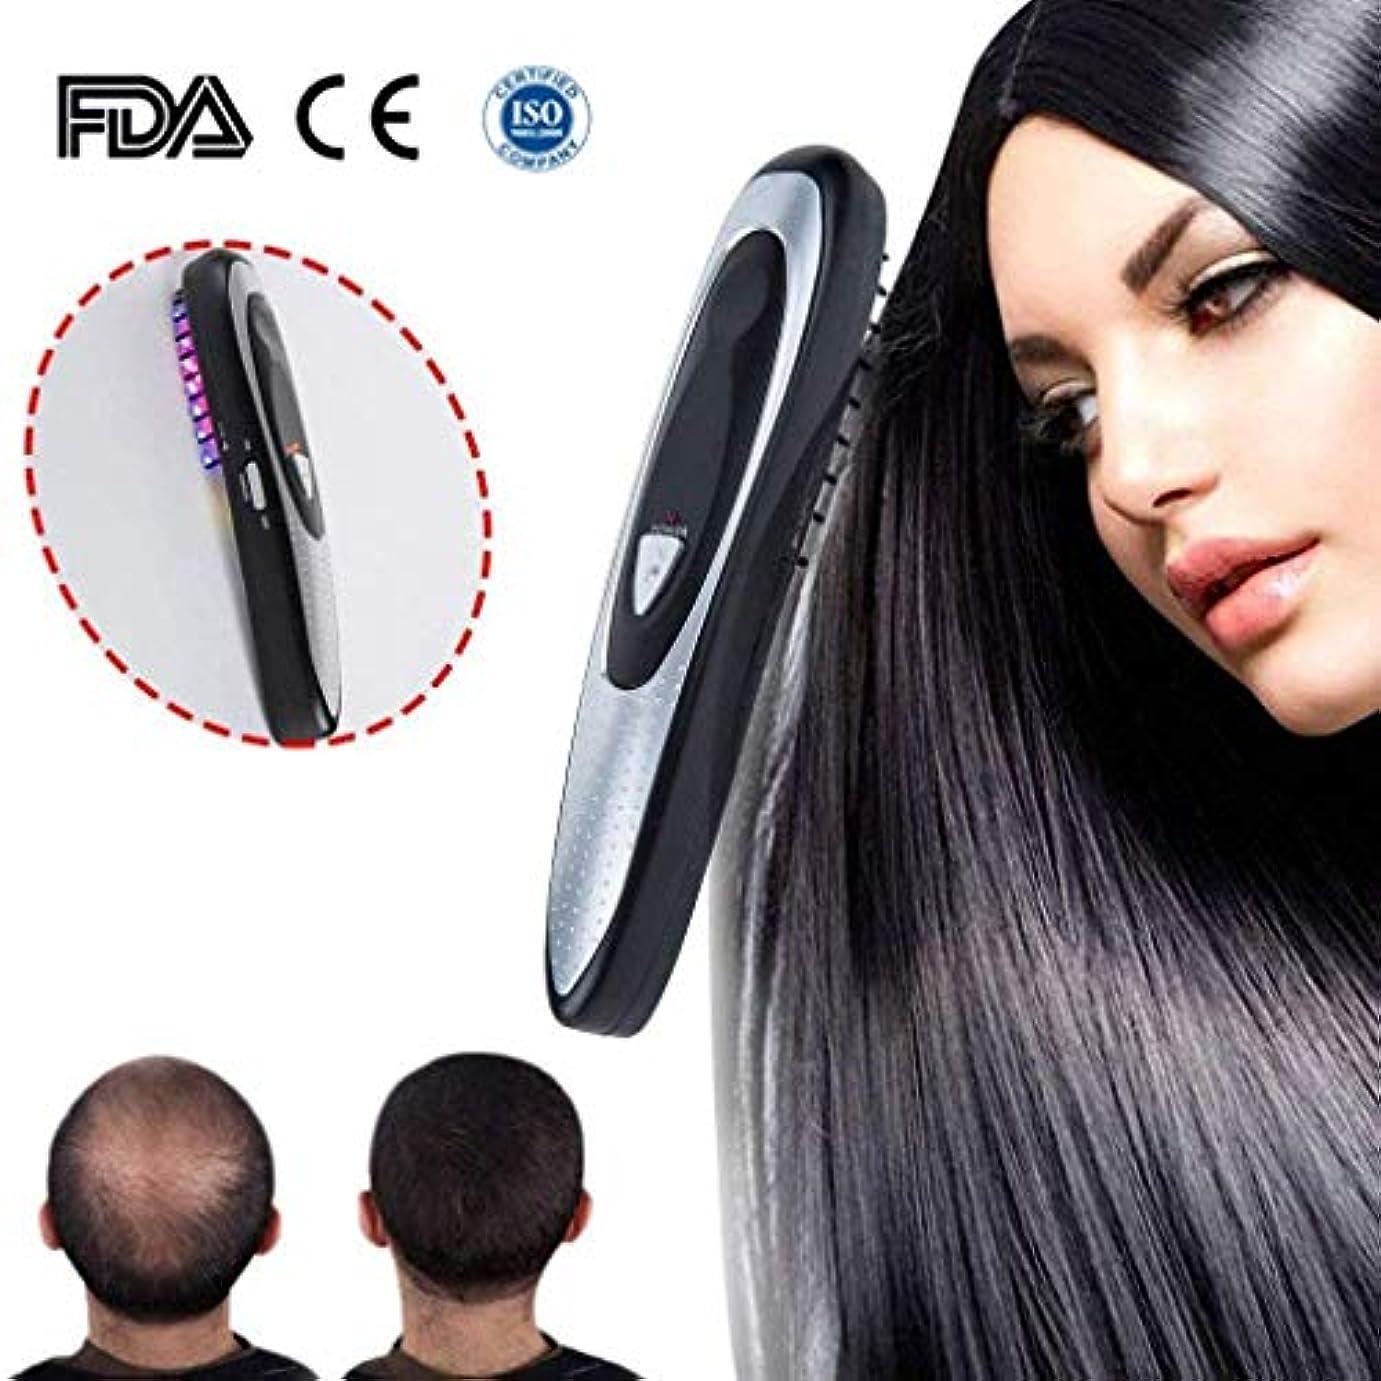 退屈な誓い宣言する新しいレーザー櫛ブラシの毛の成長のキット、男性または女性のための力の成長レーザーの櫛毛の成長毎日の家庭使用